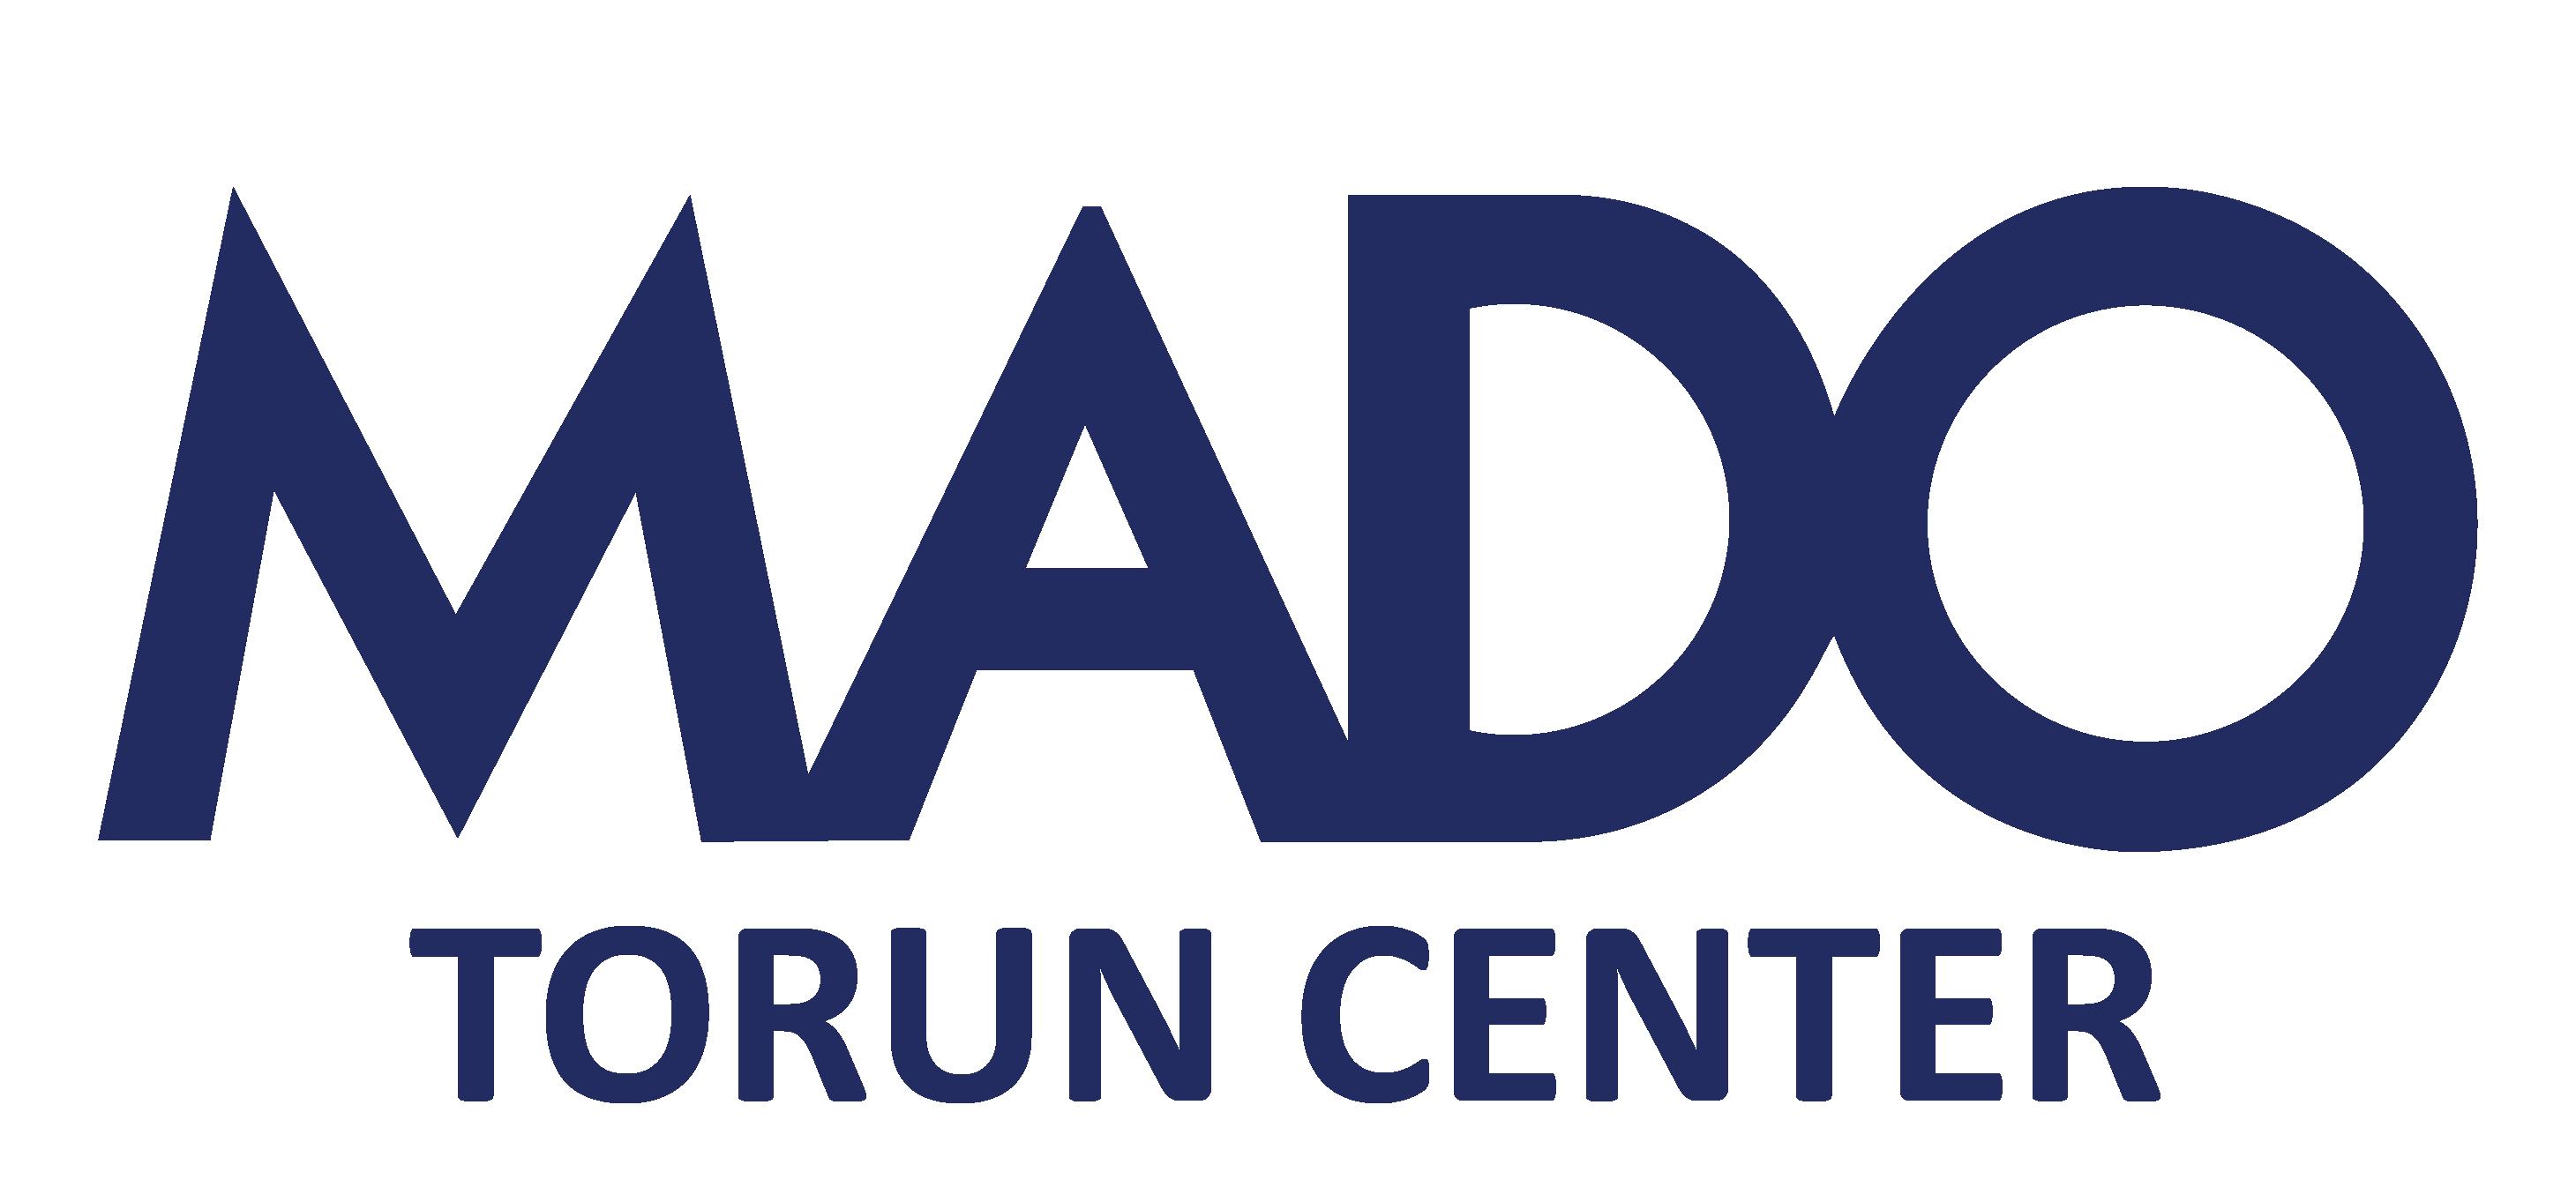 Torun Center Mado